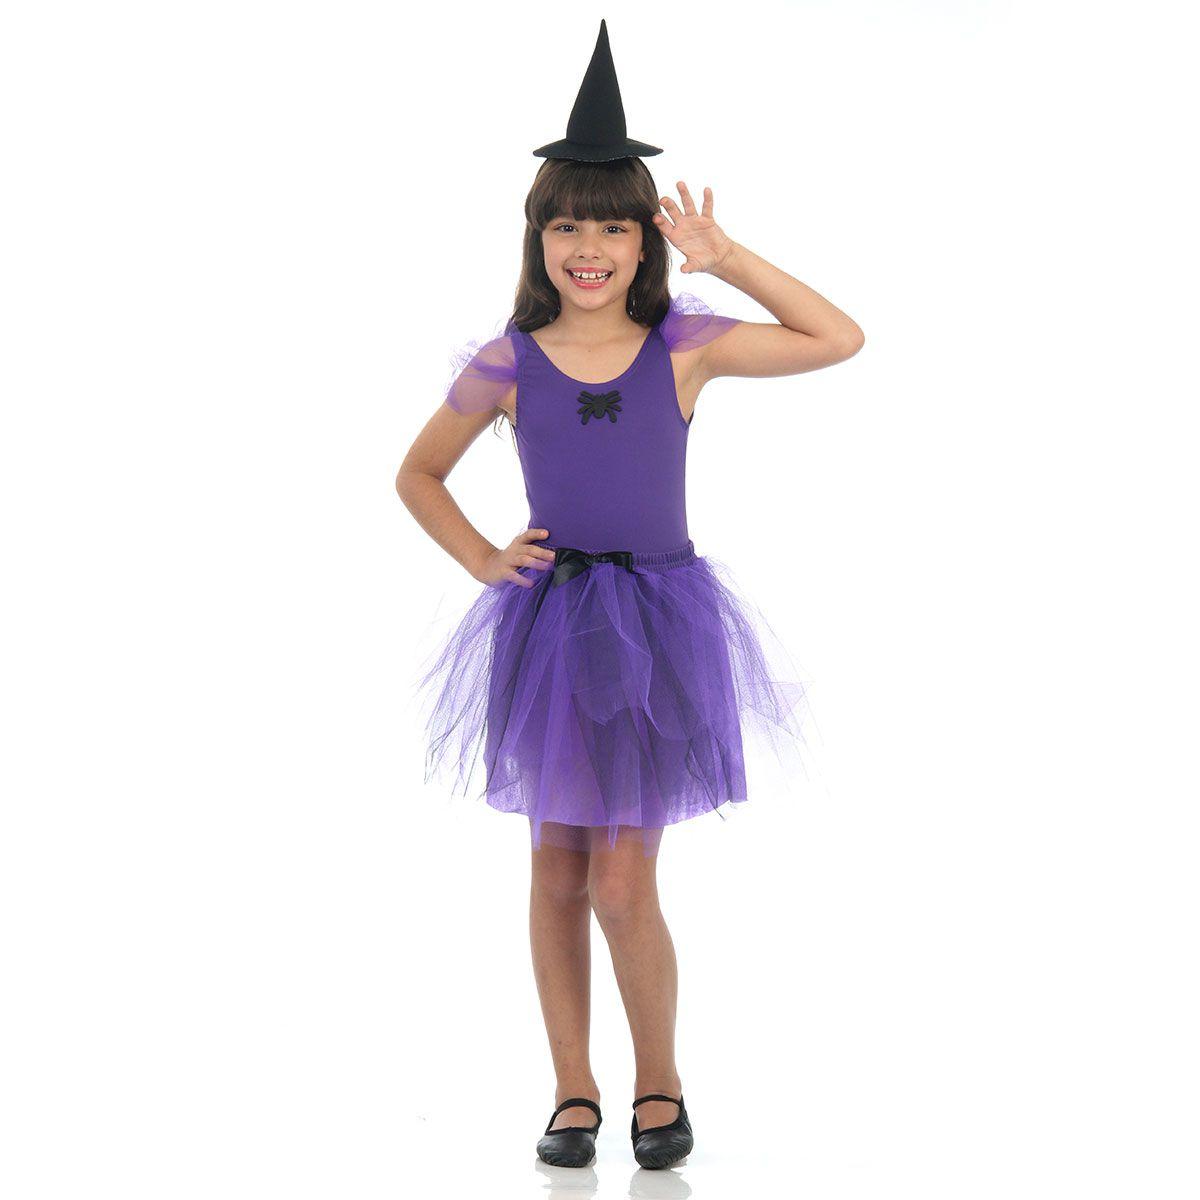 Fantasia Bruxa Dress Up